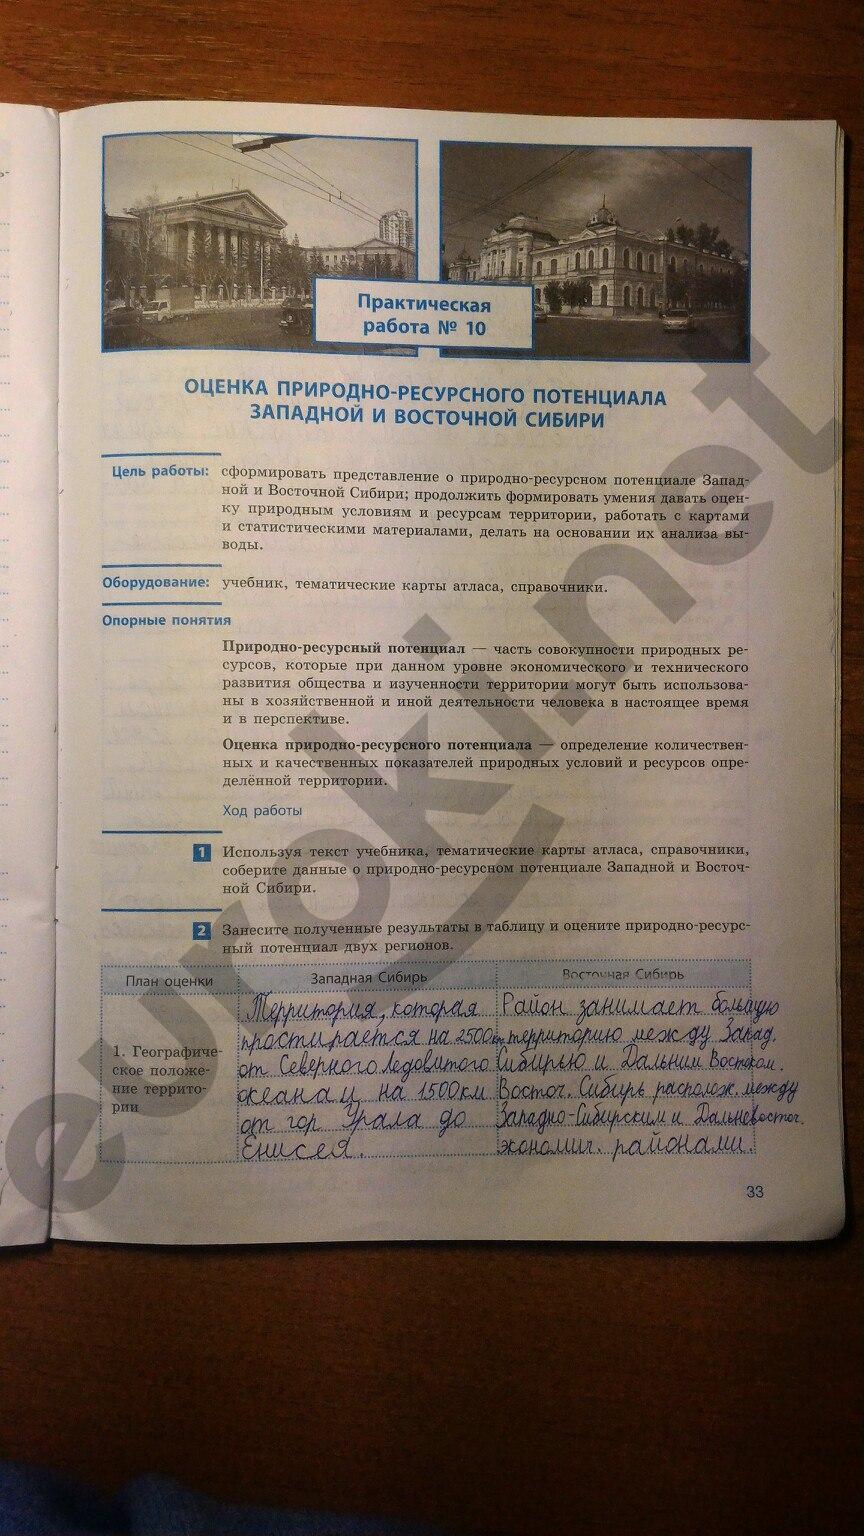 ГДЗ по географии 9 класс рабочая тетрадь Супрычев, Григоренко. Задание: стр. 33